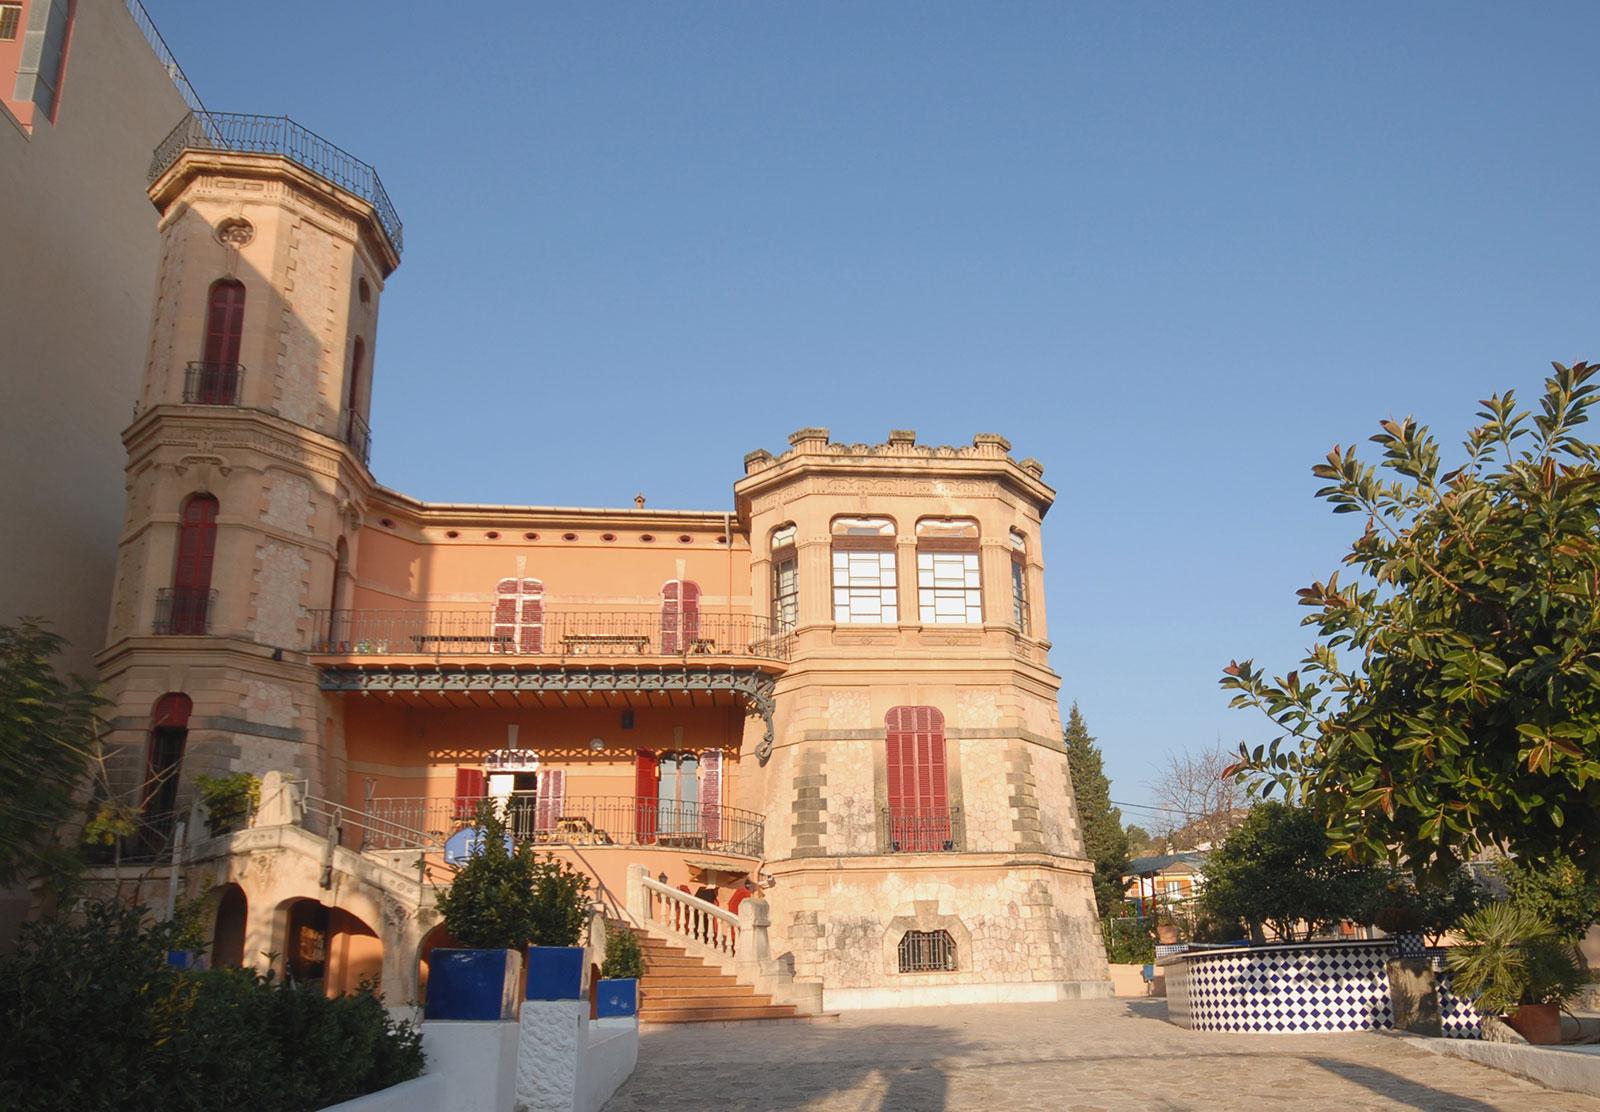 Villa-Schembri